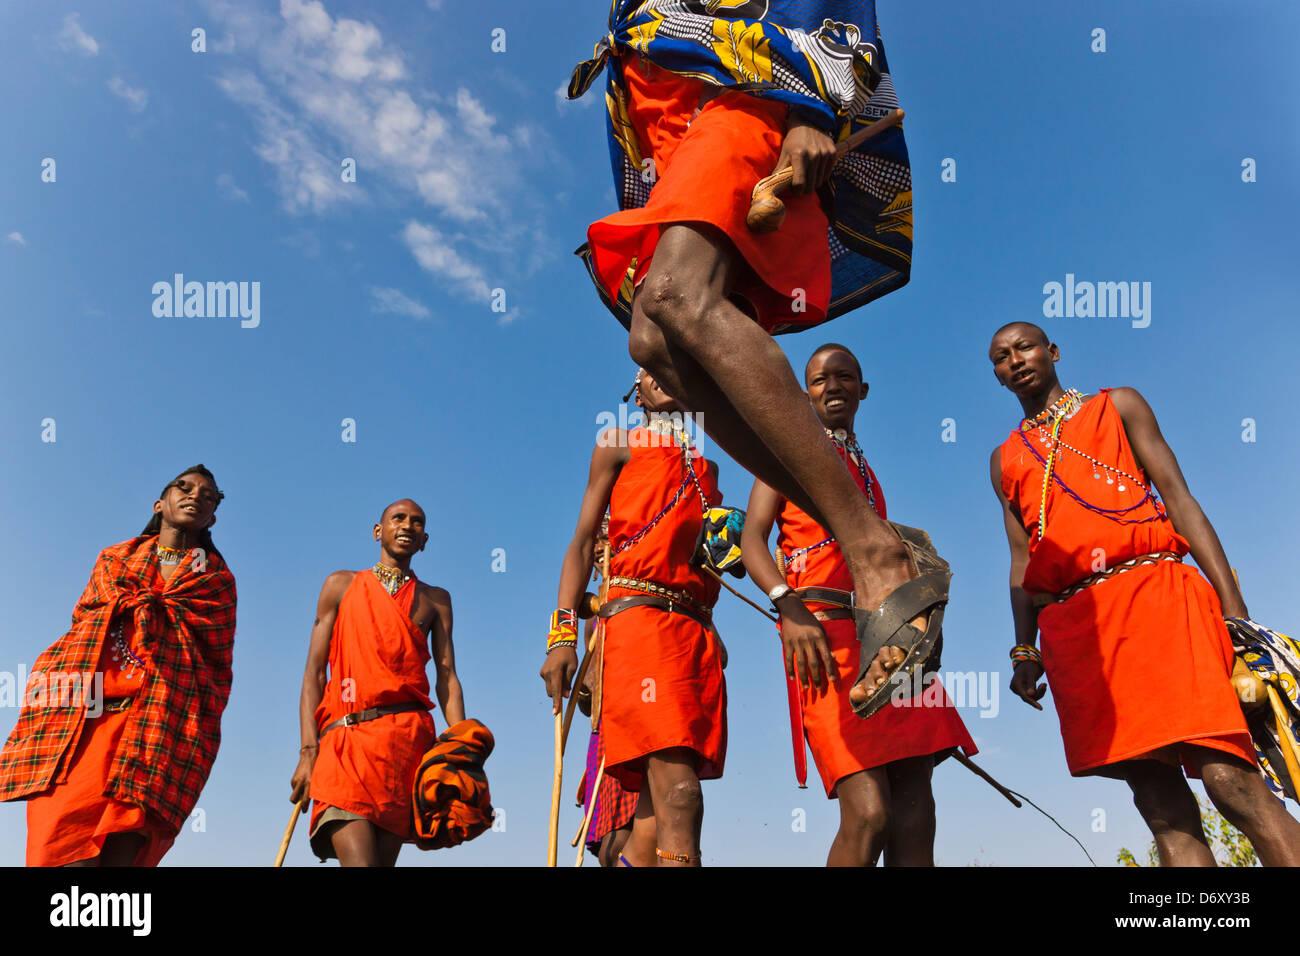 Les tribus Masai saut de la scène dance, Masai Mara, Kenya Banque D'Images